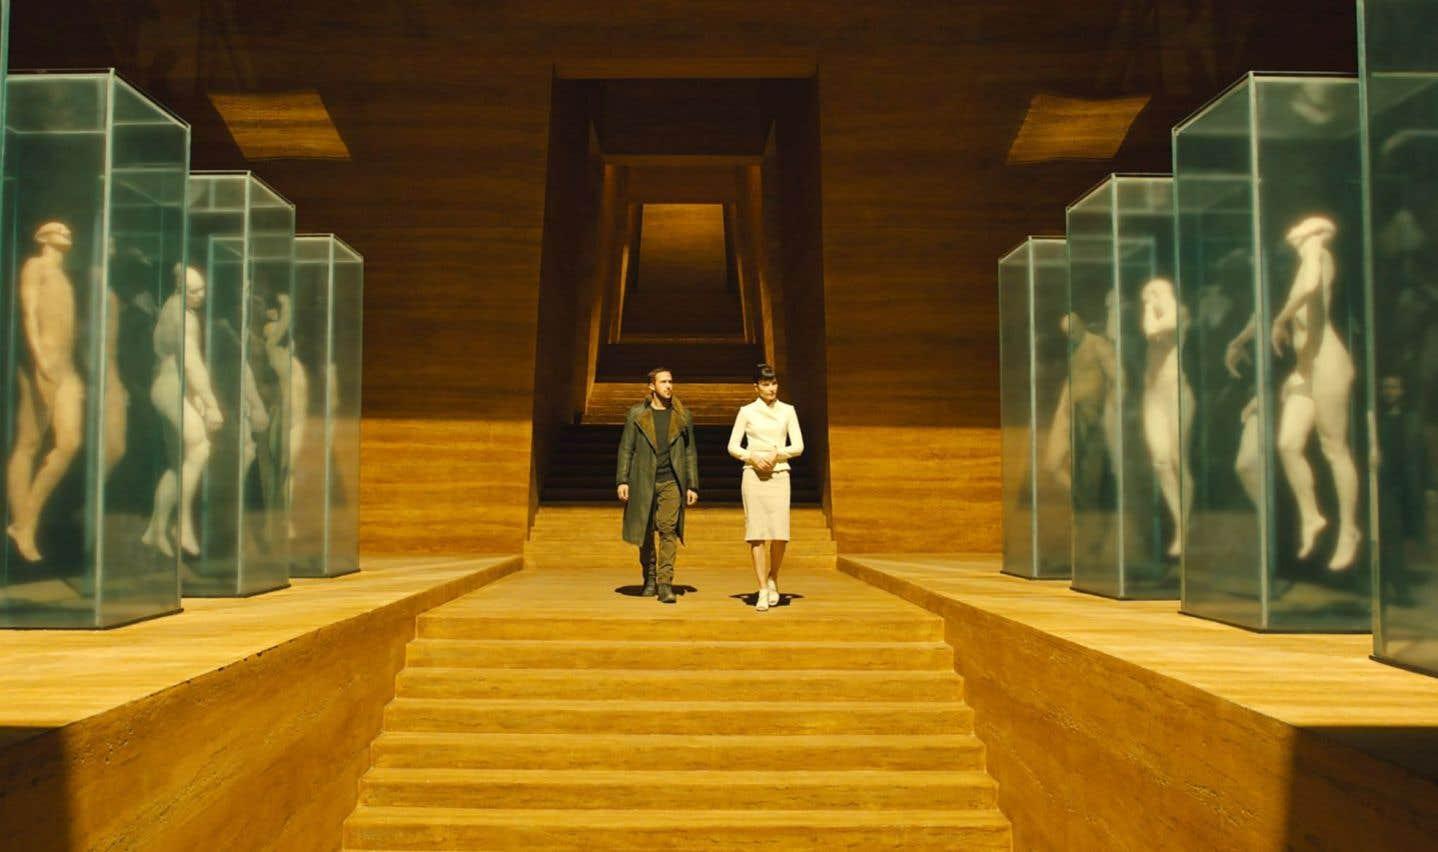 «Blade Runner 2049» — Pour la suite d'un monde